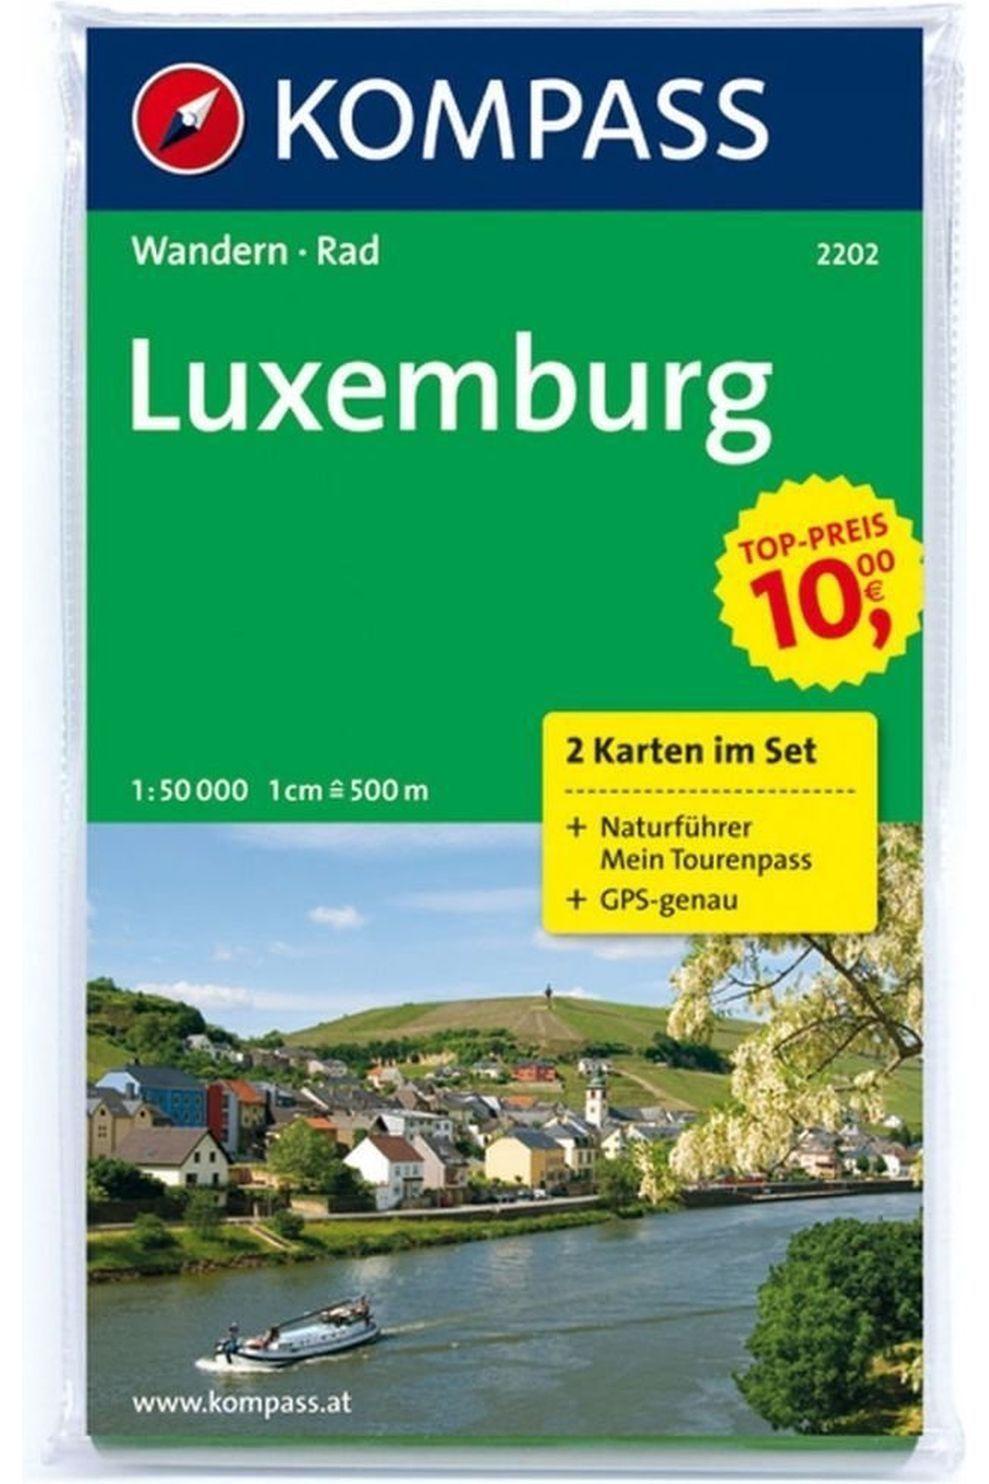 KOMPASS Livre De Voyage Luxemburg 2202 Gps 2-set Kompass +naturführer D/e/f/i